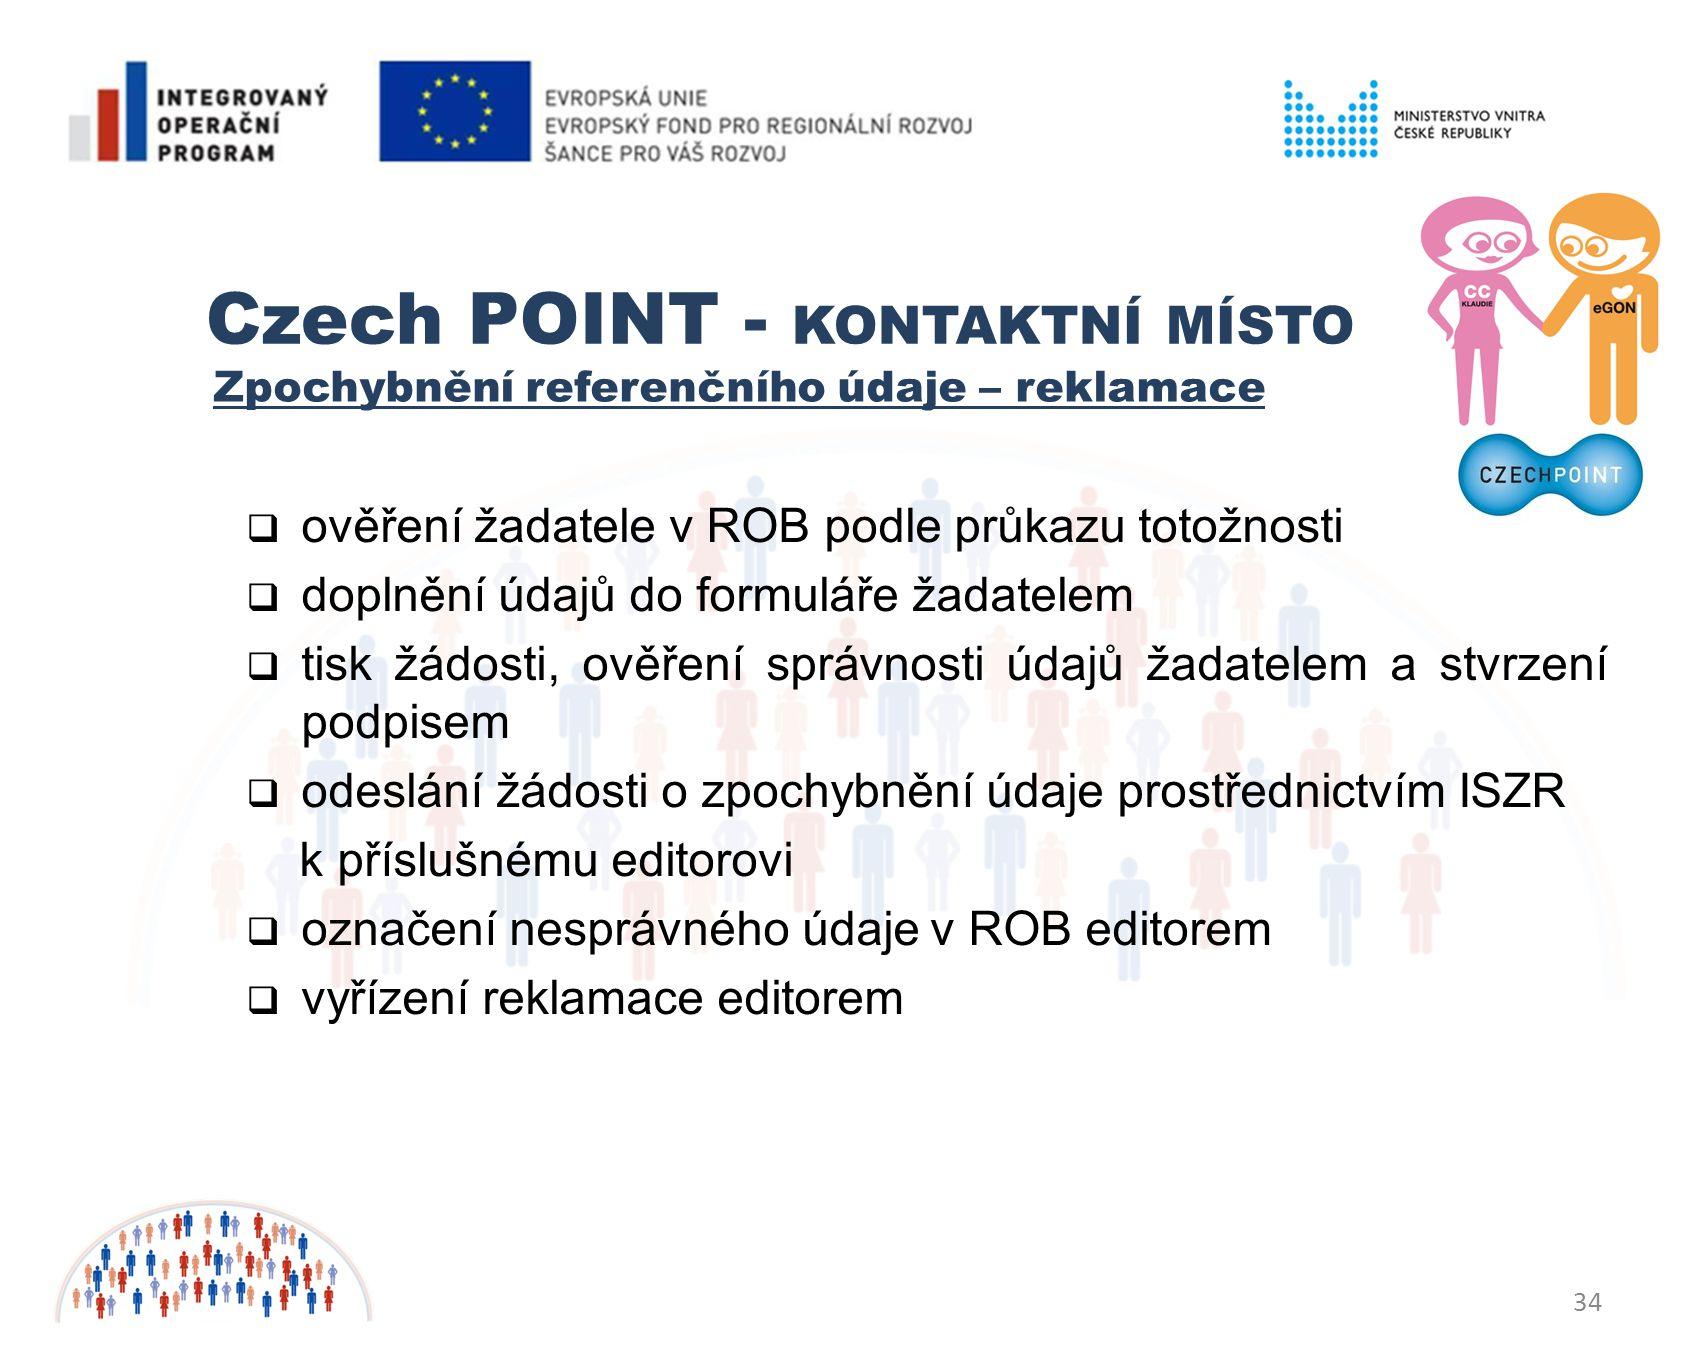 Czech POINT - KONTAKTNÍ MÍSTO